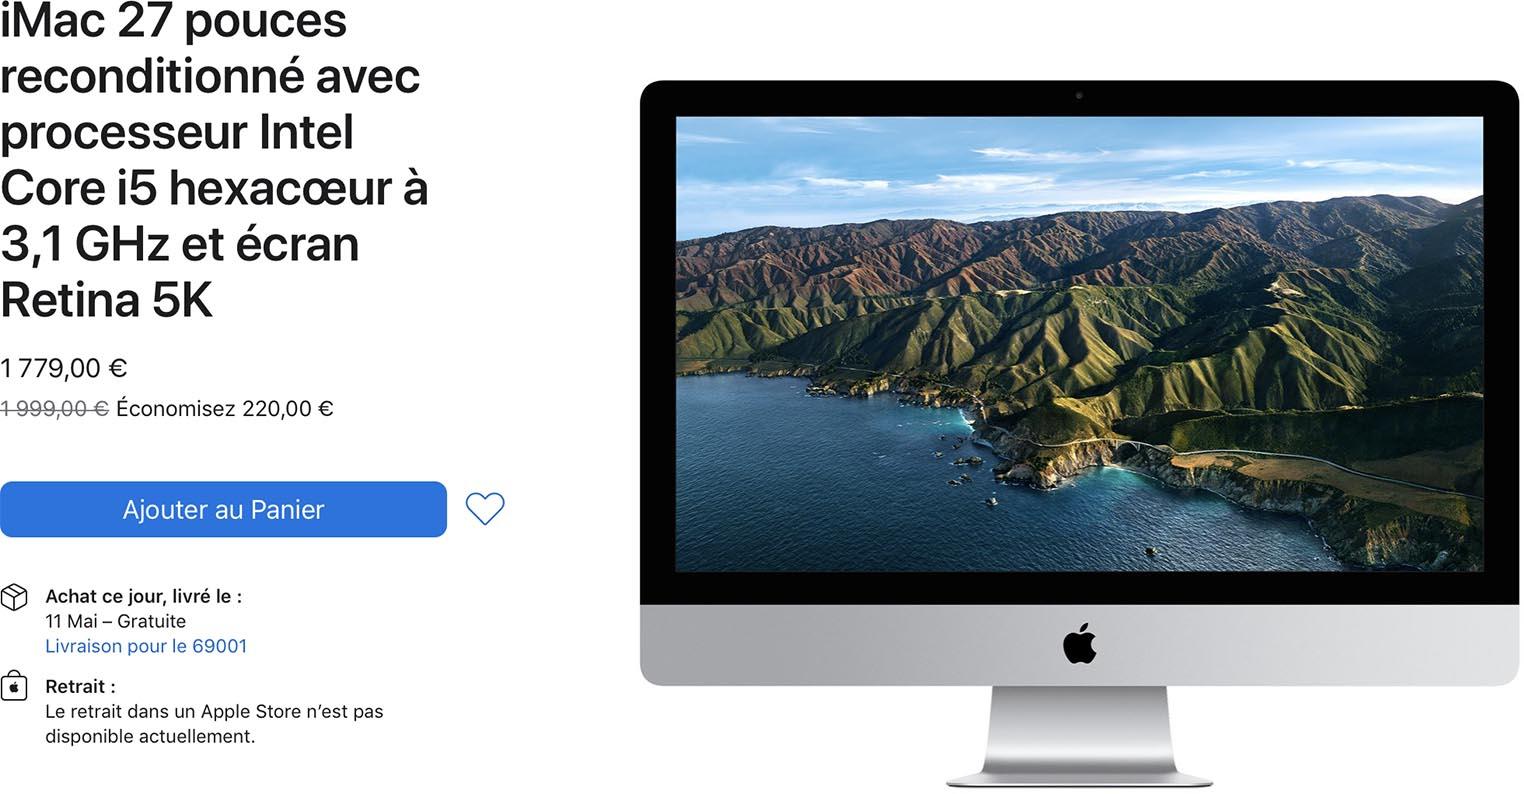 iMac 27 pouces 2020 Refurb Store